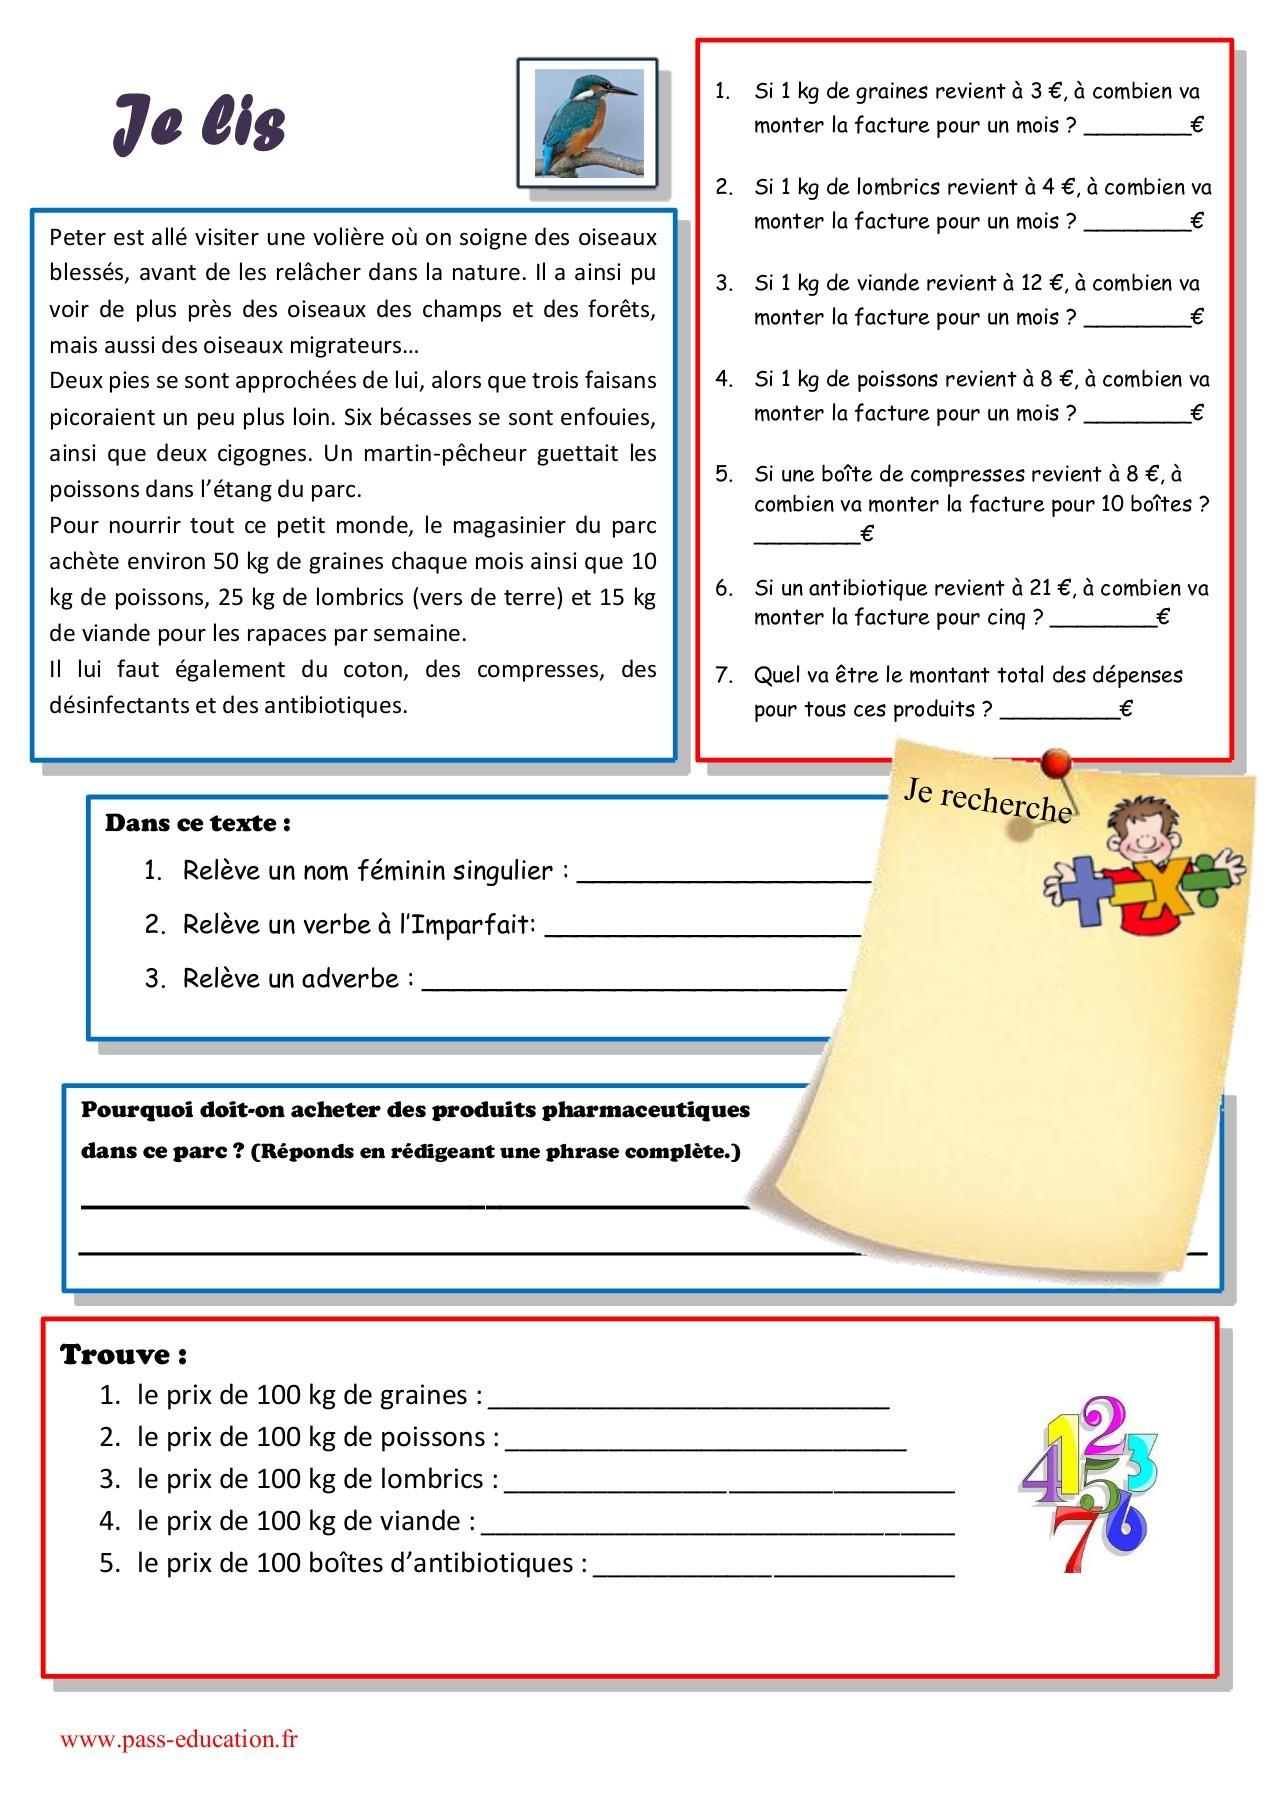 Cahier De Vacances Gratuit À Imprimer - Cm2 Vers La 6Ème pour Cahier De Vacances Gratuit A Imprimer 6Eme 5Eme